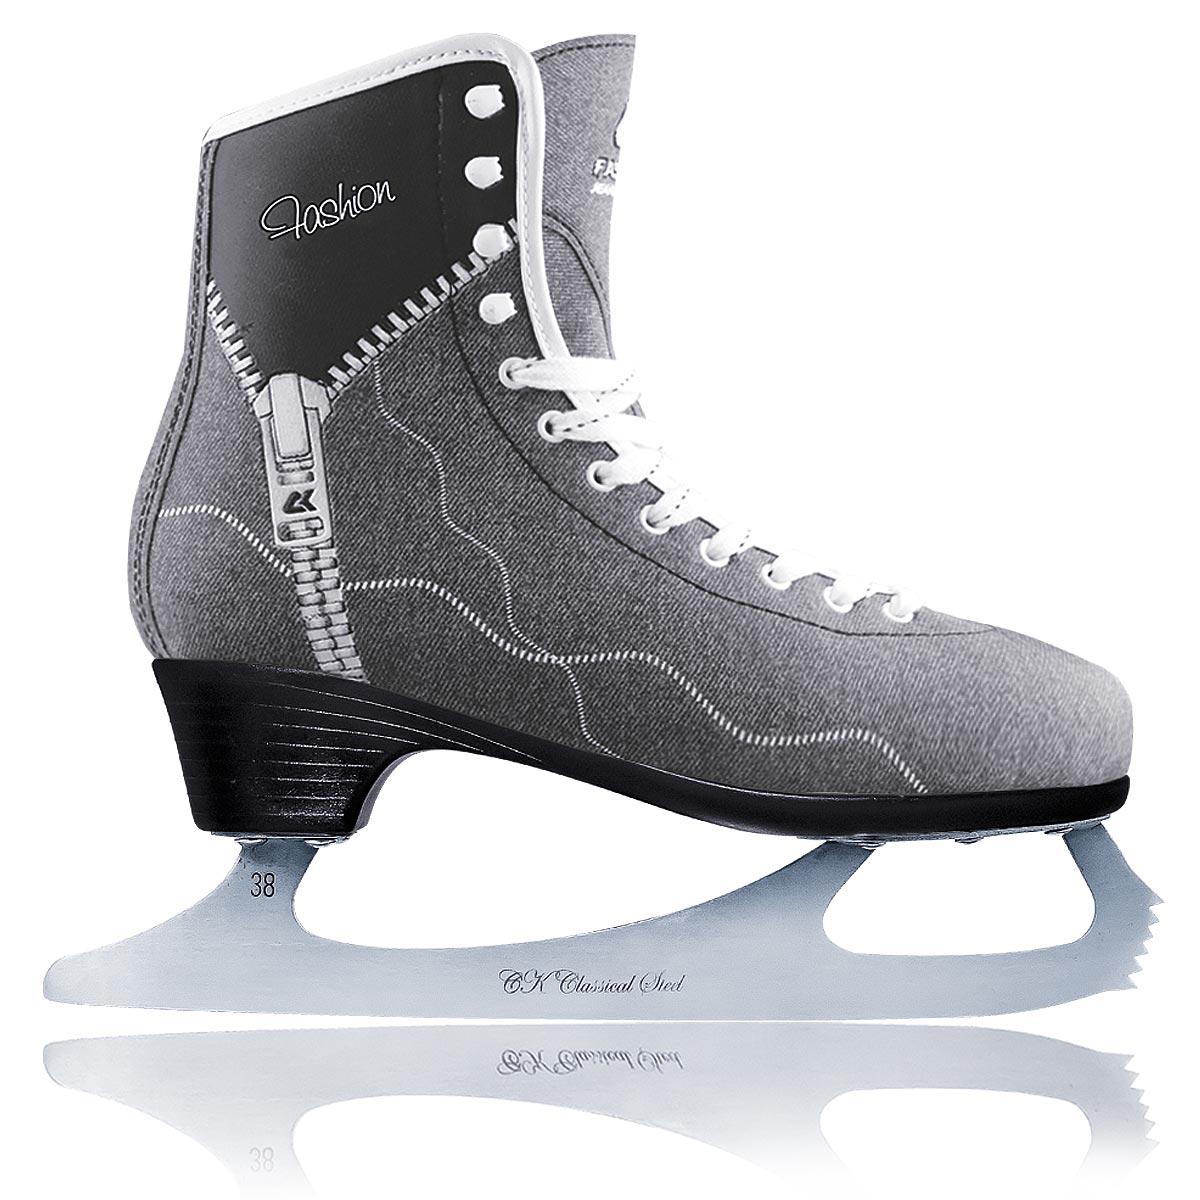 Коньки фигурные женские CK Fashion Lux Jeans, цвет: серый, черный. Размер 42FASHION LUX jeans_серый, черный_42Фигурные коньки от CK Fashion Lux Jeans идеально подойдут для любительского катания. Модель с высокой, плотной колодкой и усиленным задником, обеспечивающим боковую поддержку ноги, выполнена из синтетического материала на виниловой основе. Внутренняя поверхность отделана искусственным мехом. Анатомический язычок из войлока идеально облегает стопу и повышает комфорт. Стелька из упругого пенного полимерного материала EVA предназначена для быстрой адаптации ботинка к индивидуальным формам ноги и ее комфортного положения. Ботинок обеспечивает комфорт и устойчивость ноги, правильное распределение нагрузки, сильно снижает травмоопасность. Ботинок полностью обволакивает ногу, обеспечивает прочную и удобную фиксацию ноги, а также повышенную защиту от ударов. Модель фиксируется на ноге классической шнуровкой. Лезвие выполнено из нержавеющей стали, оно обладает высокой твердостью и долго держит заточку. Подошва Graceful обладает элегантным дизайном, повышенной твердостью и пониженным весом. Более высокий каблук делает ногу более изящной и стройной, а также повышает управляемость и маневренность конька.